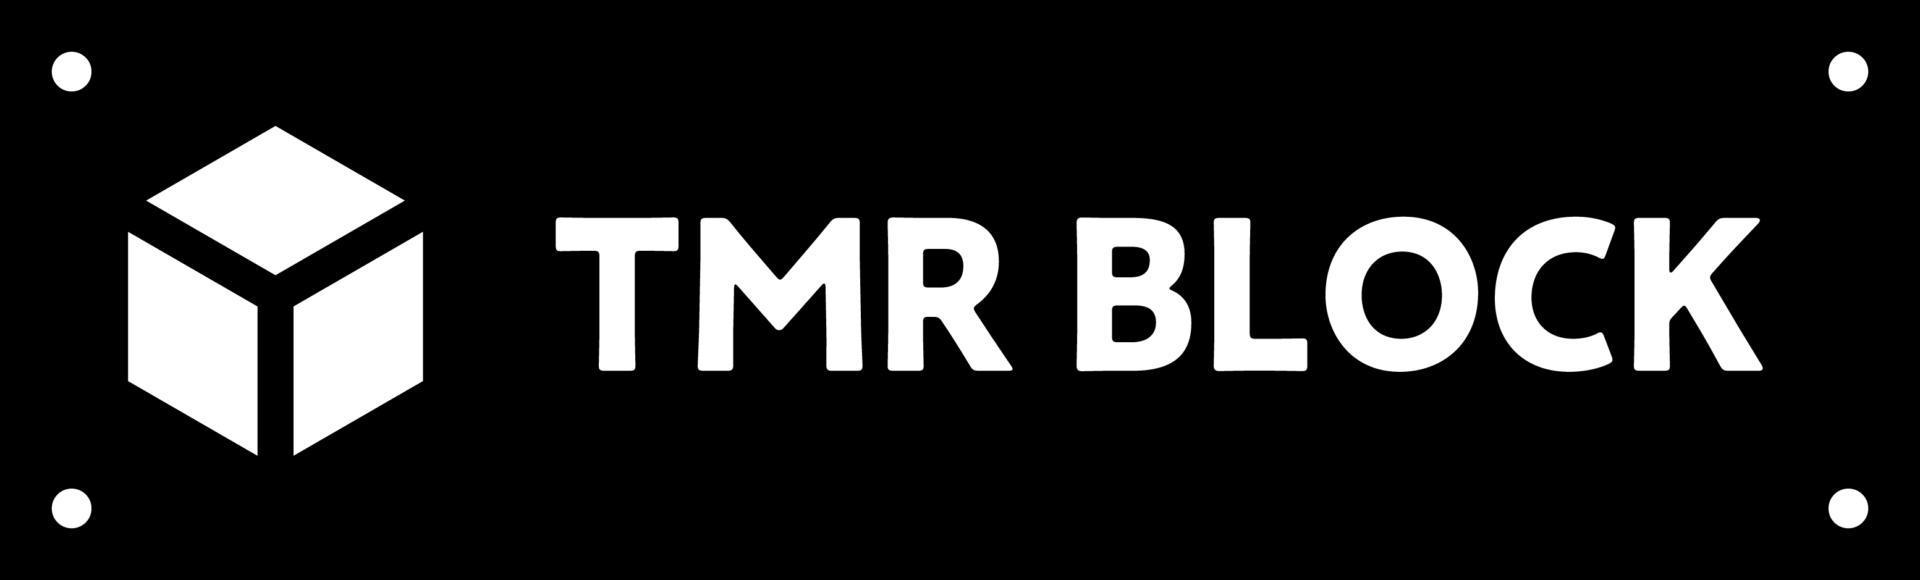 TMR BLOCK